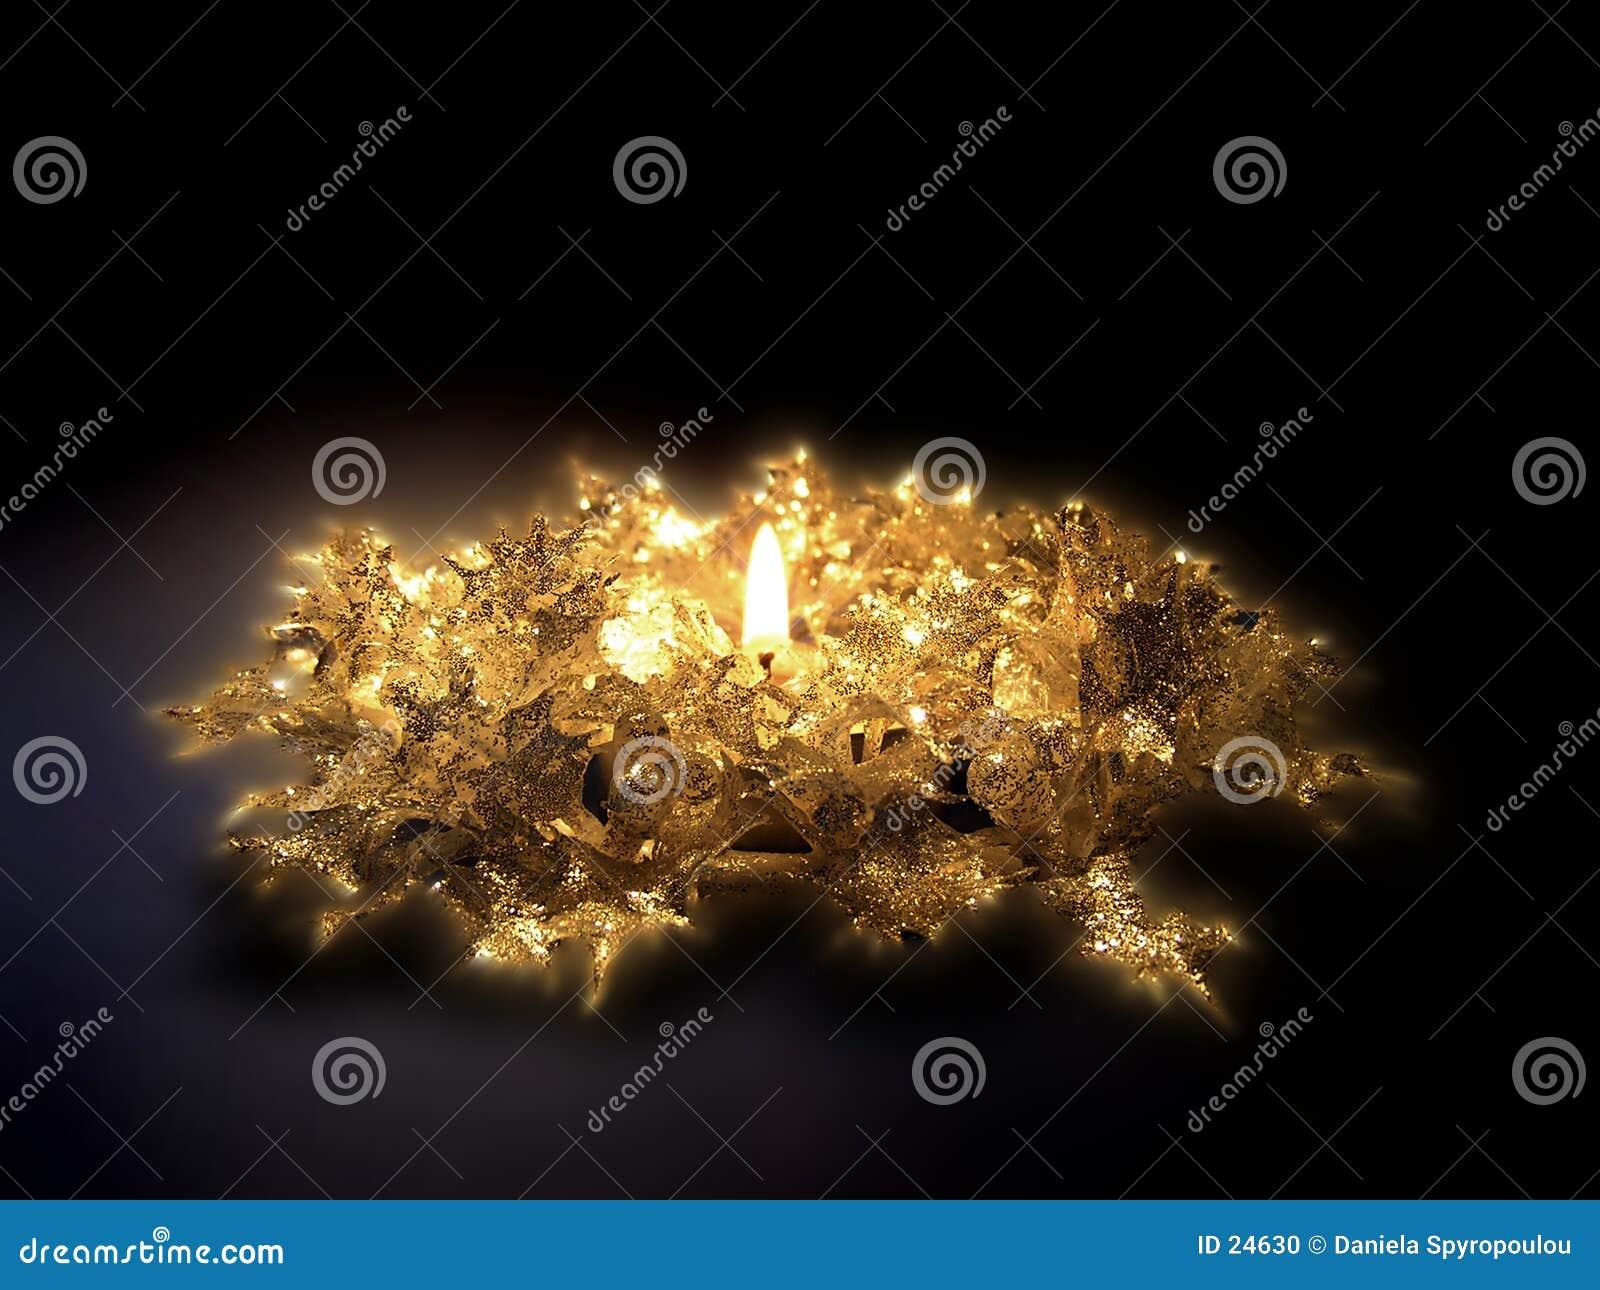 Download Weihnachtskerze stockfoto. Bild von kerzen, flammen, flamme - 24630